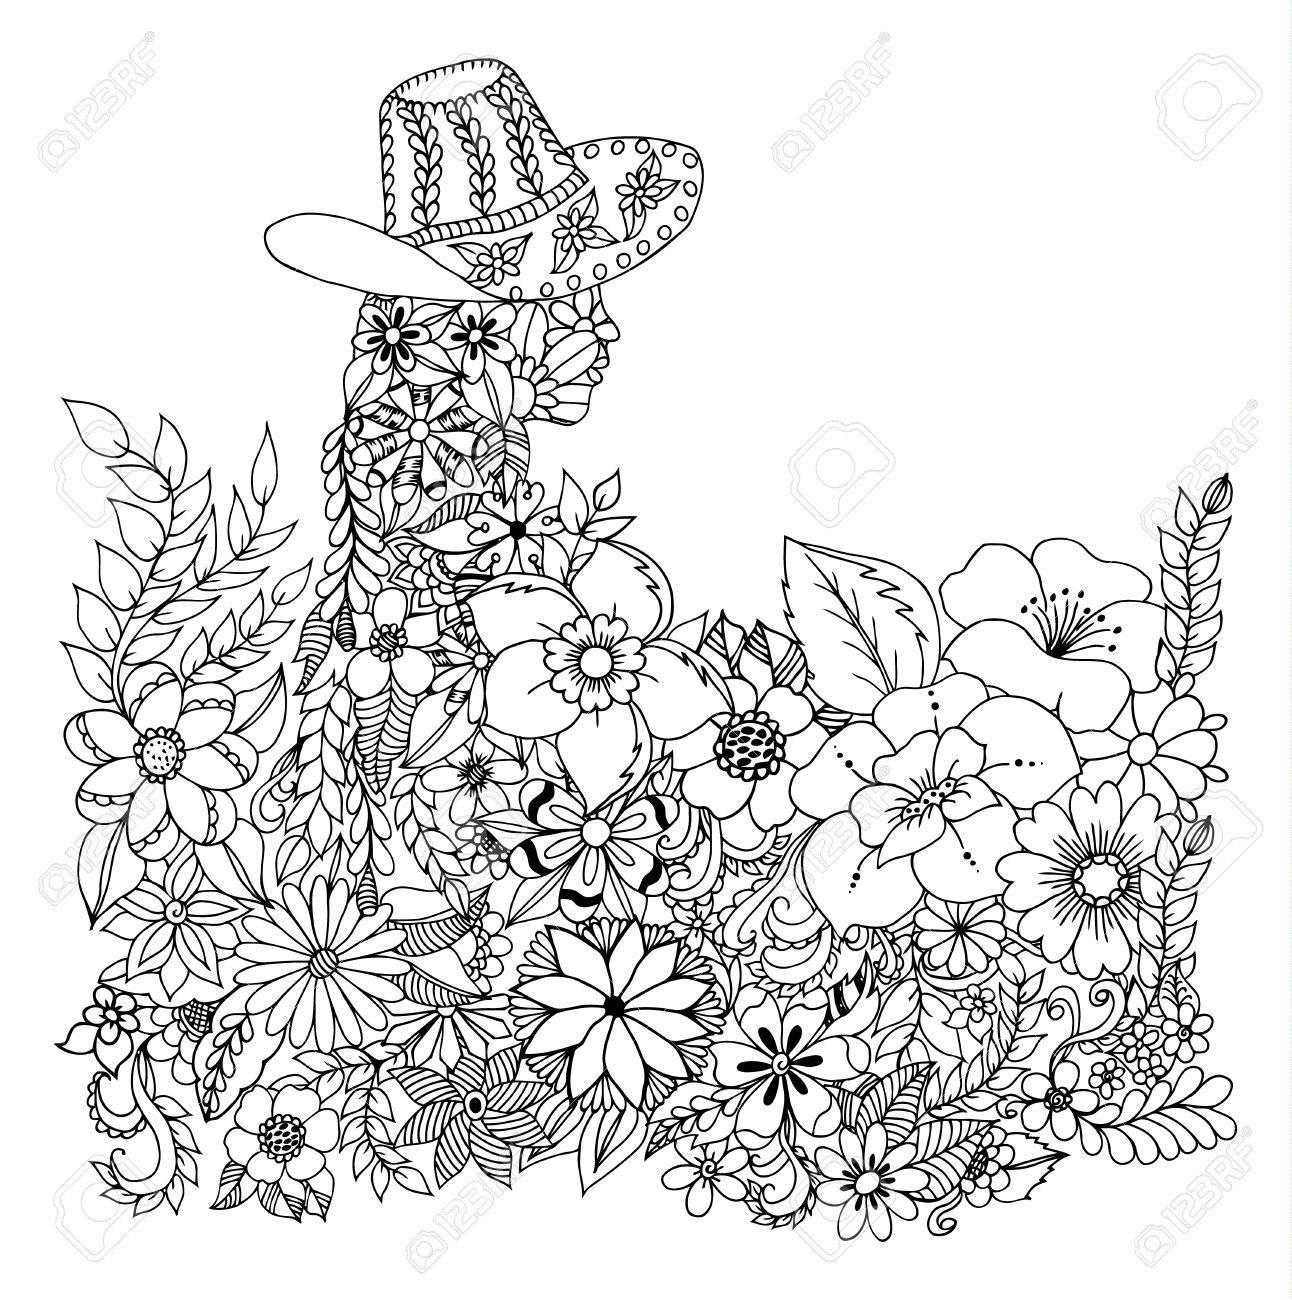 Ilustración Vectorial Zentangl Silueta De Una Niña Con Sombrero De Flores Libro Para Colorear Anti Estrés Para Adultos En Blanco Y Negro